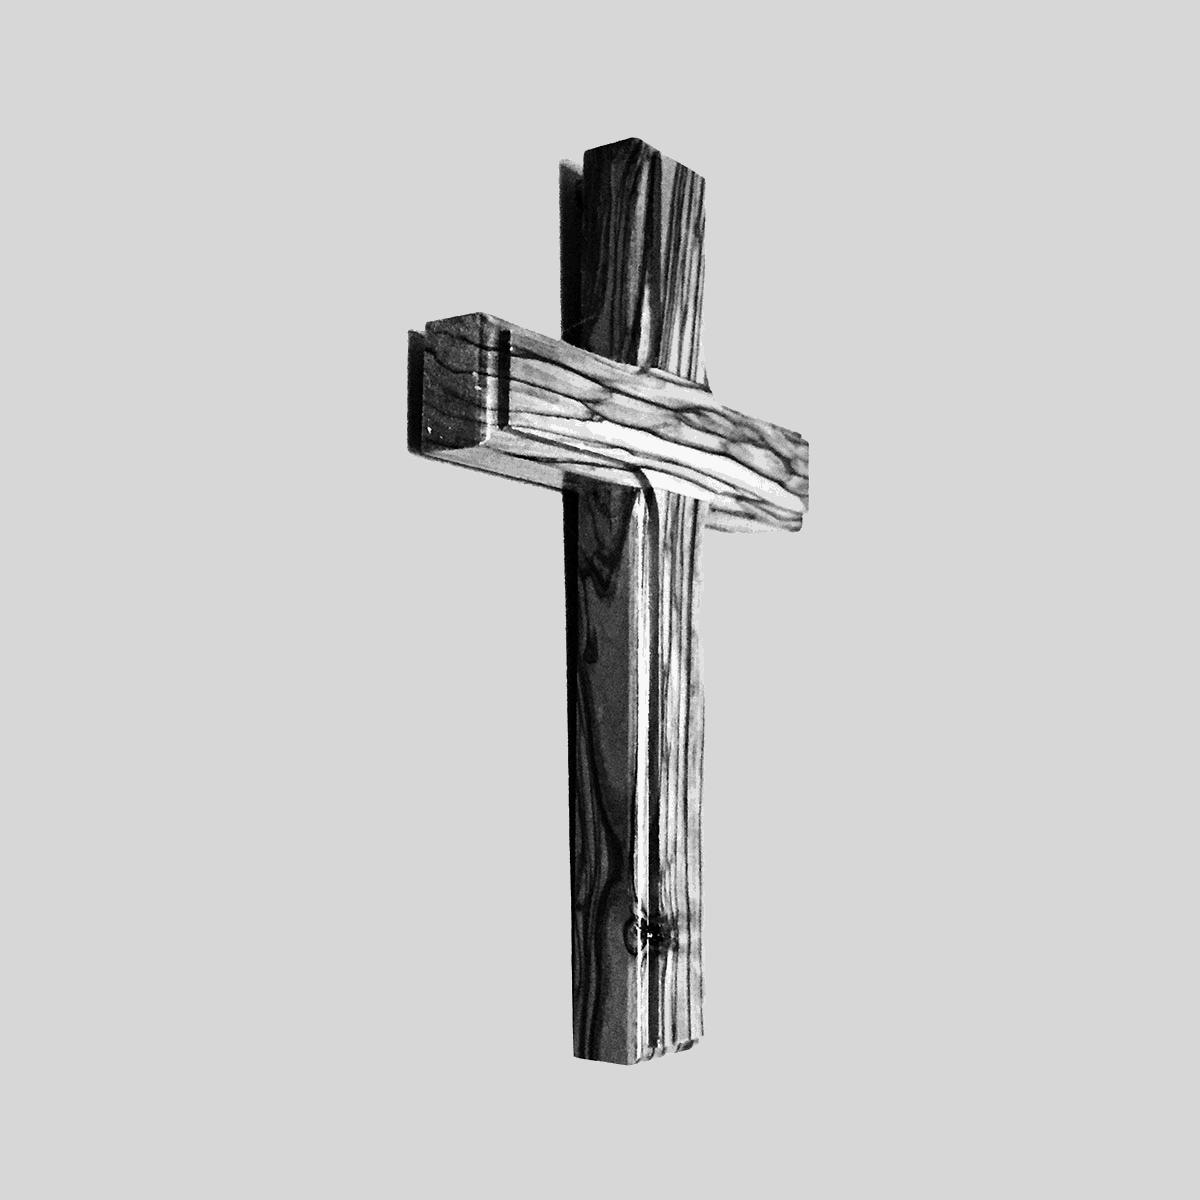 Kreuz auf transparentem Hintergrund